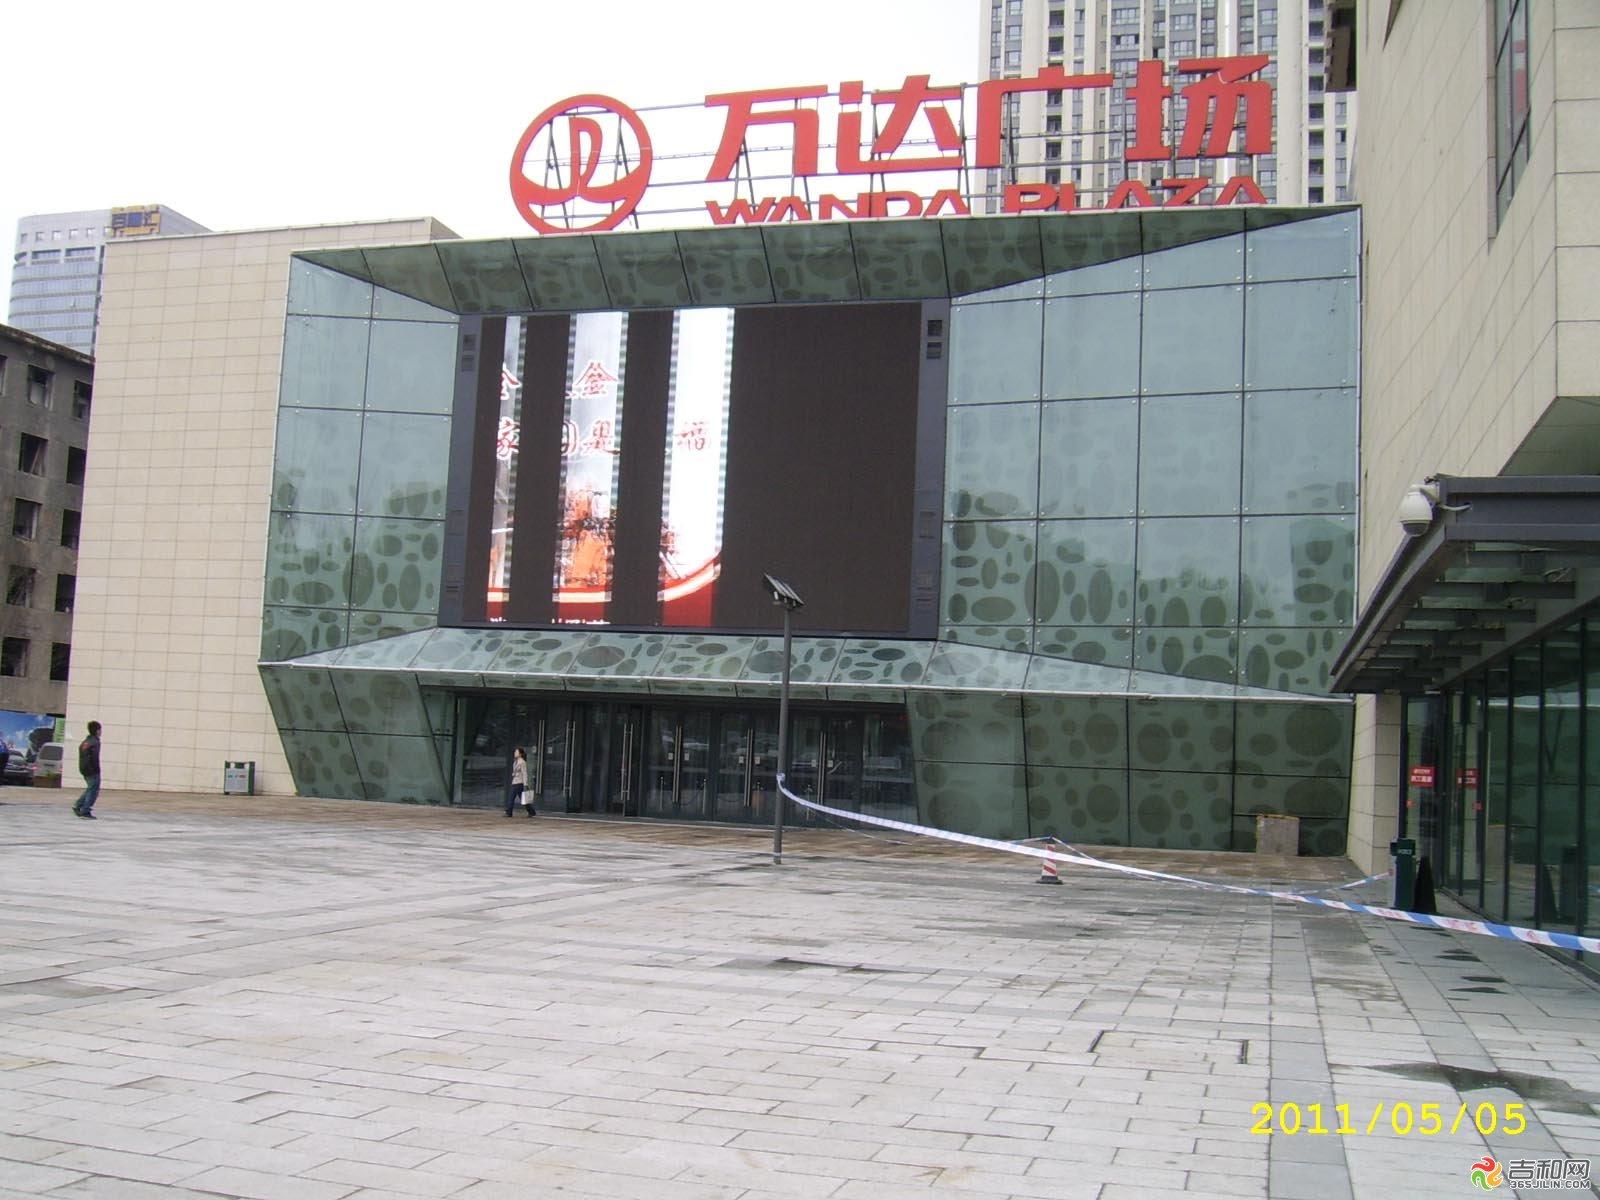 四川红旗电影城电影万达店升级及影讯维修暂2015年长春系统票房图片